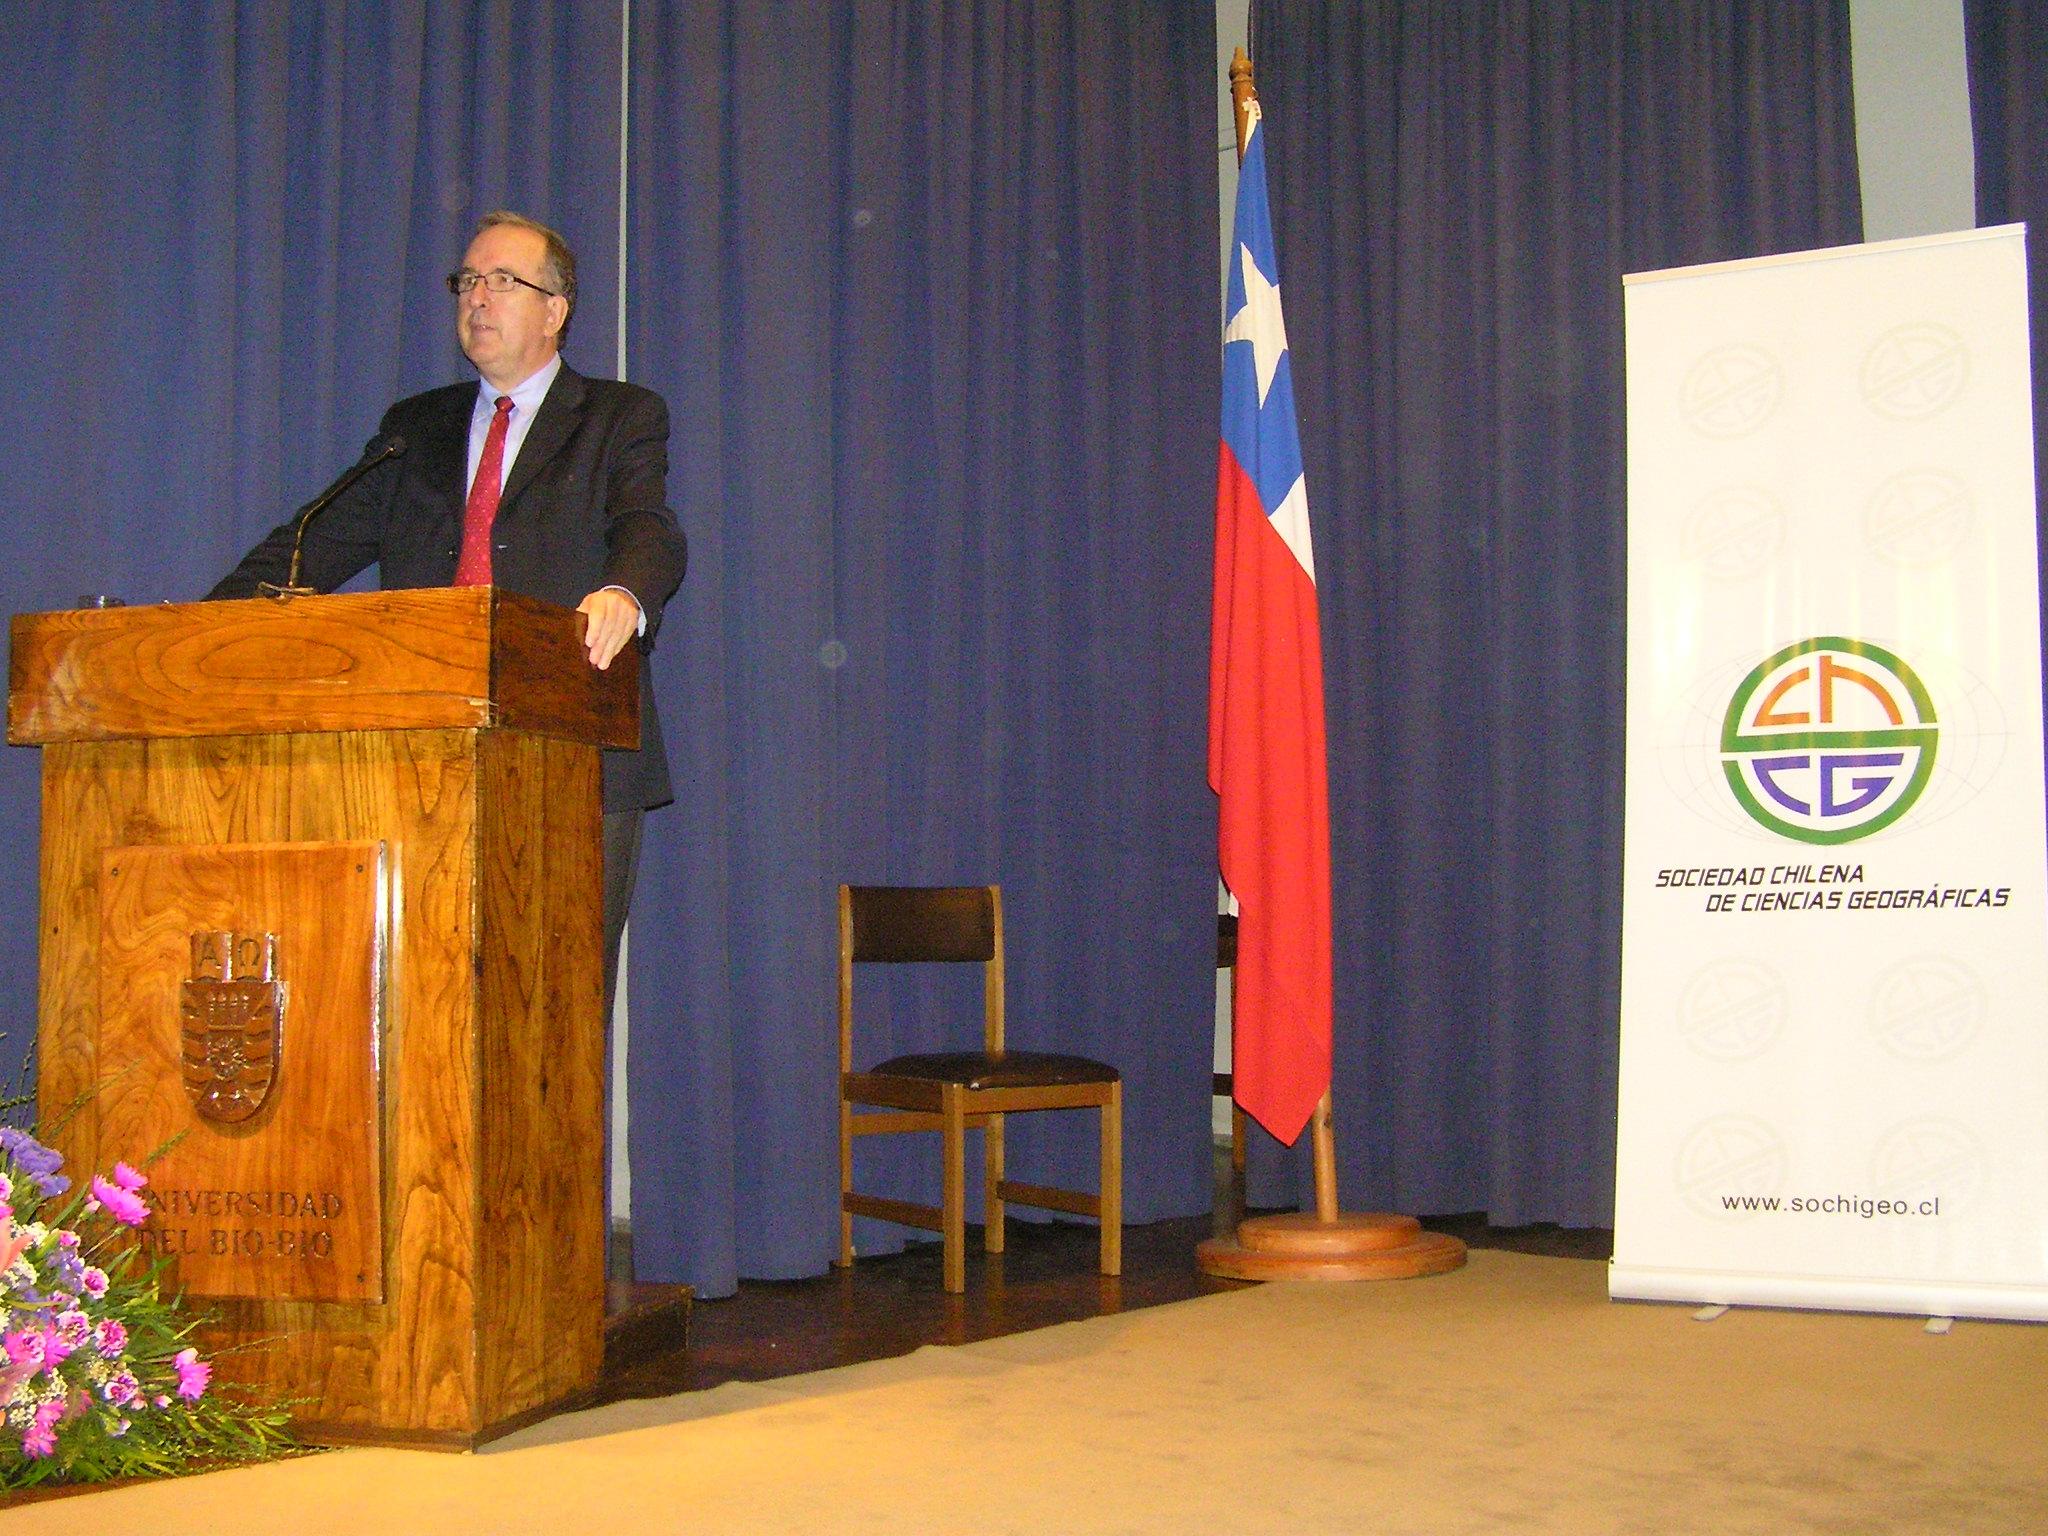 Fernando Manero Miguel pronuncia la Conferencia Inaugural en el XXXIV Congreso Nacional y XIX Internacional de la Sociedad Chilena de Ciencias Geográficas